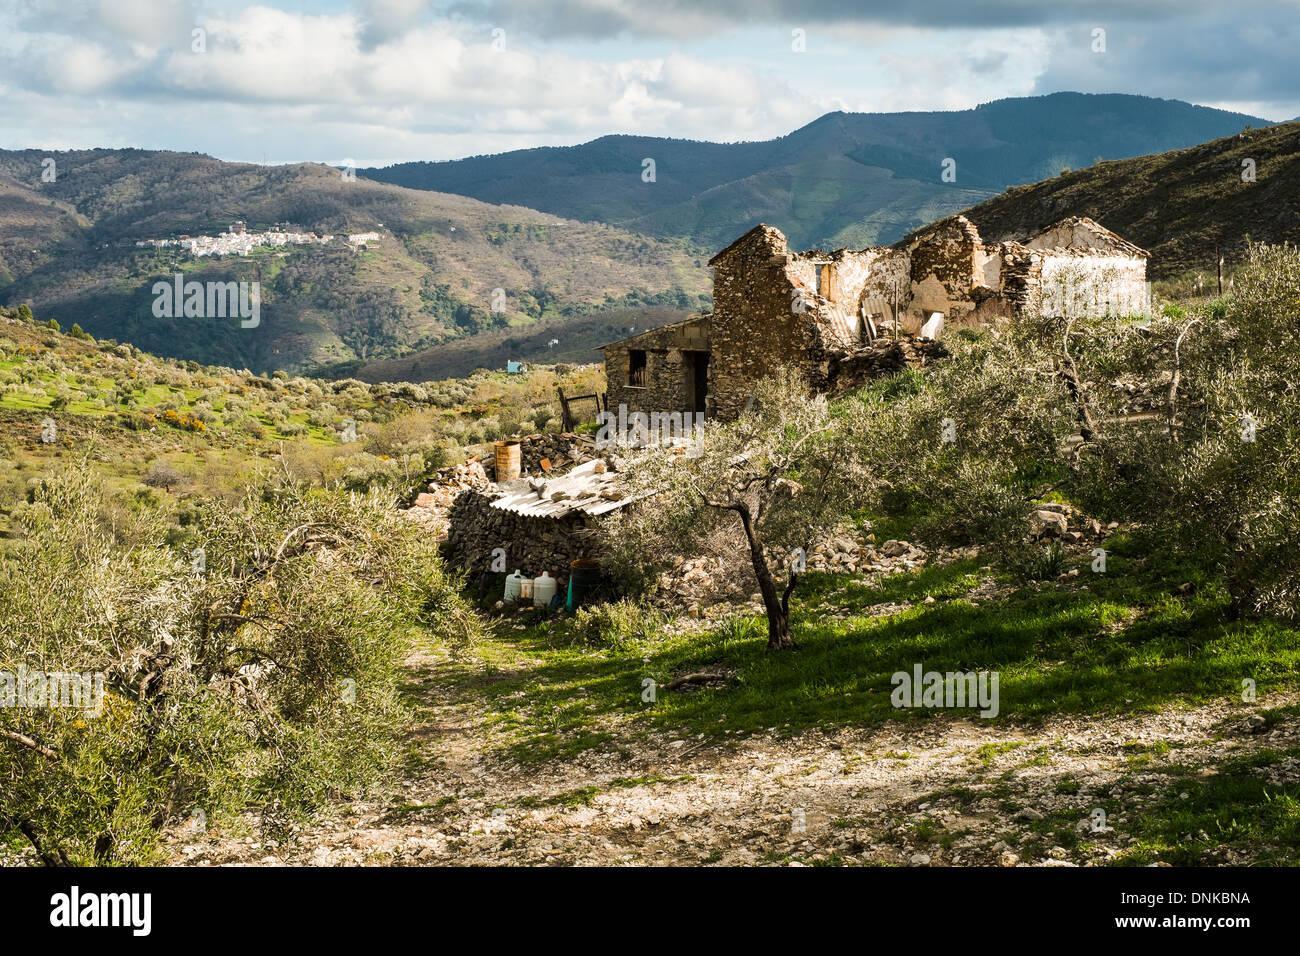 Near Los Riscos, Júzcar, Málaga. In the Serranía de Ronda looking towards the village of Pujerra. - Stock Image